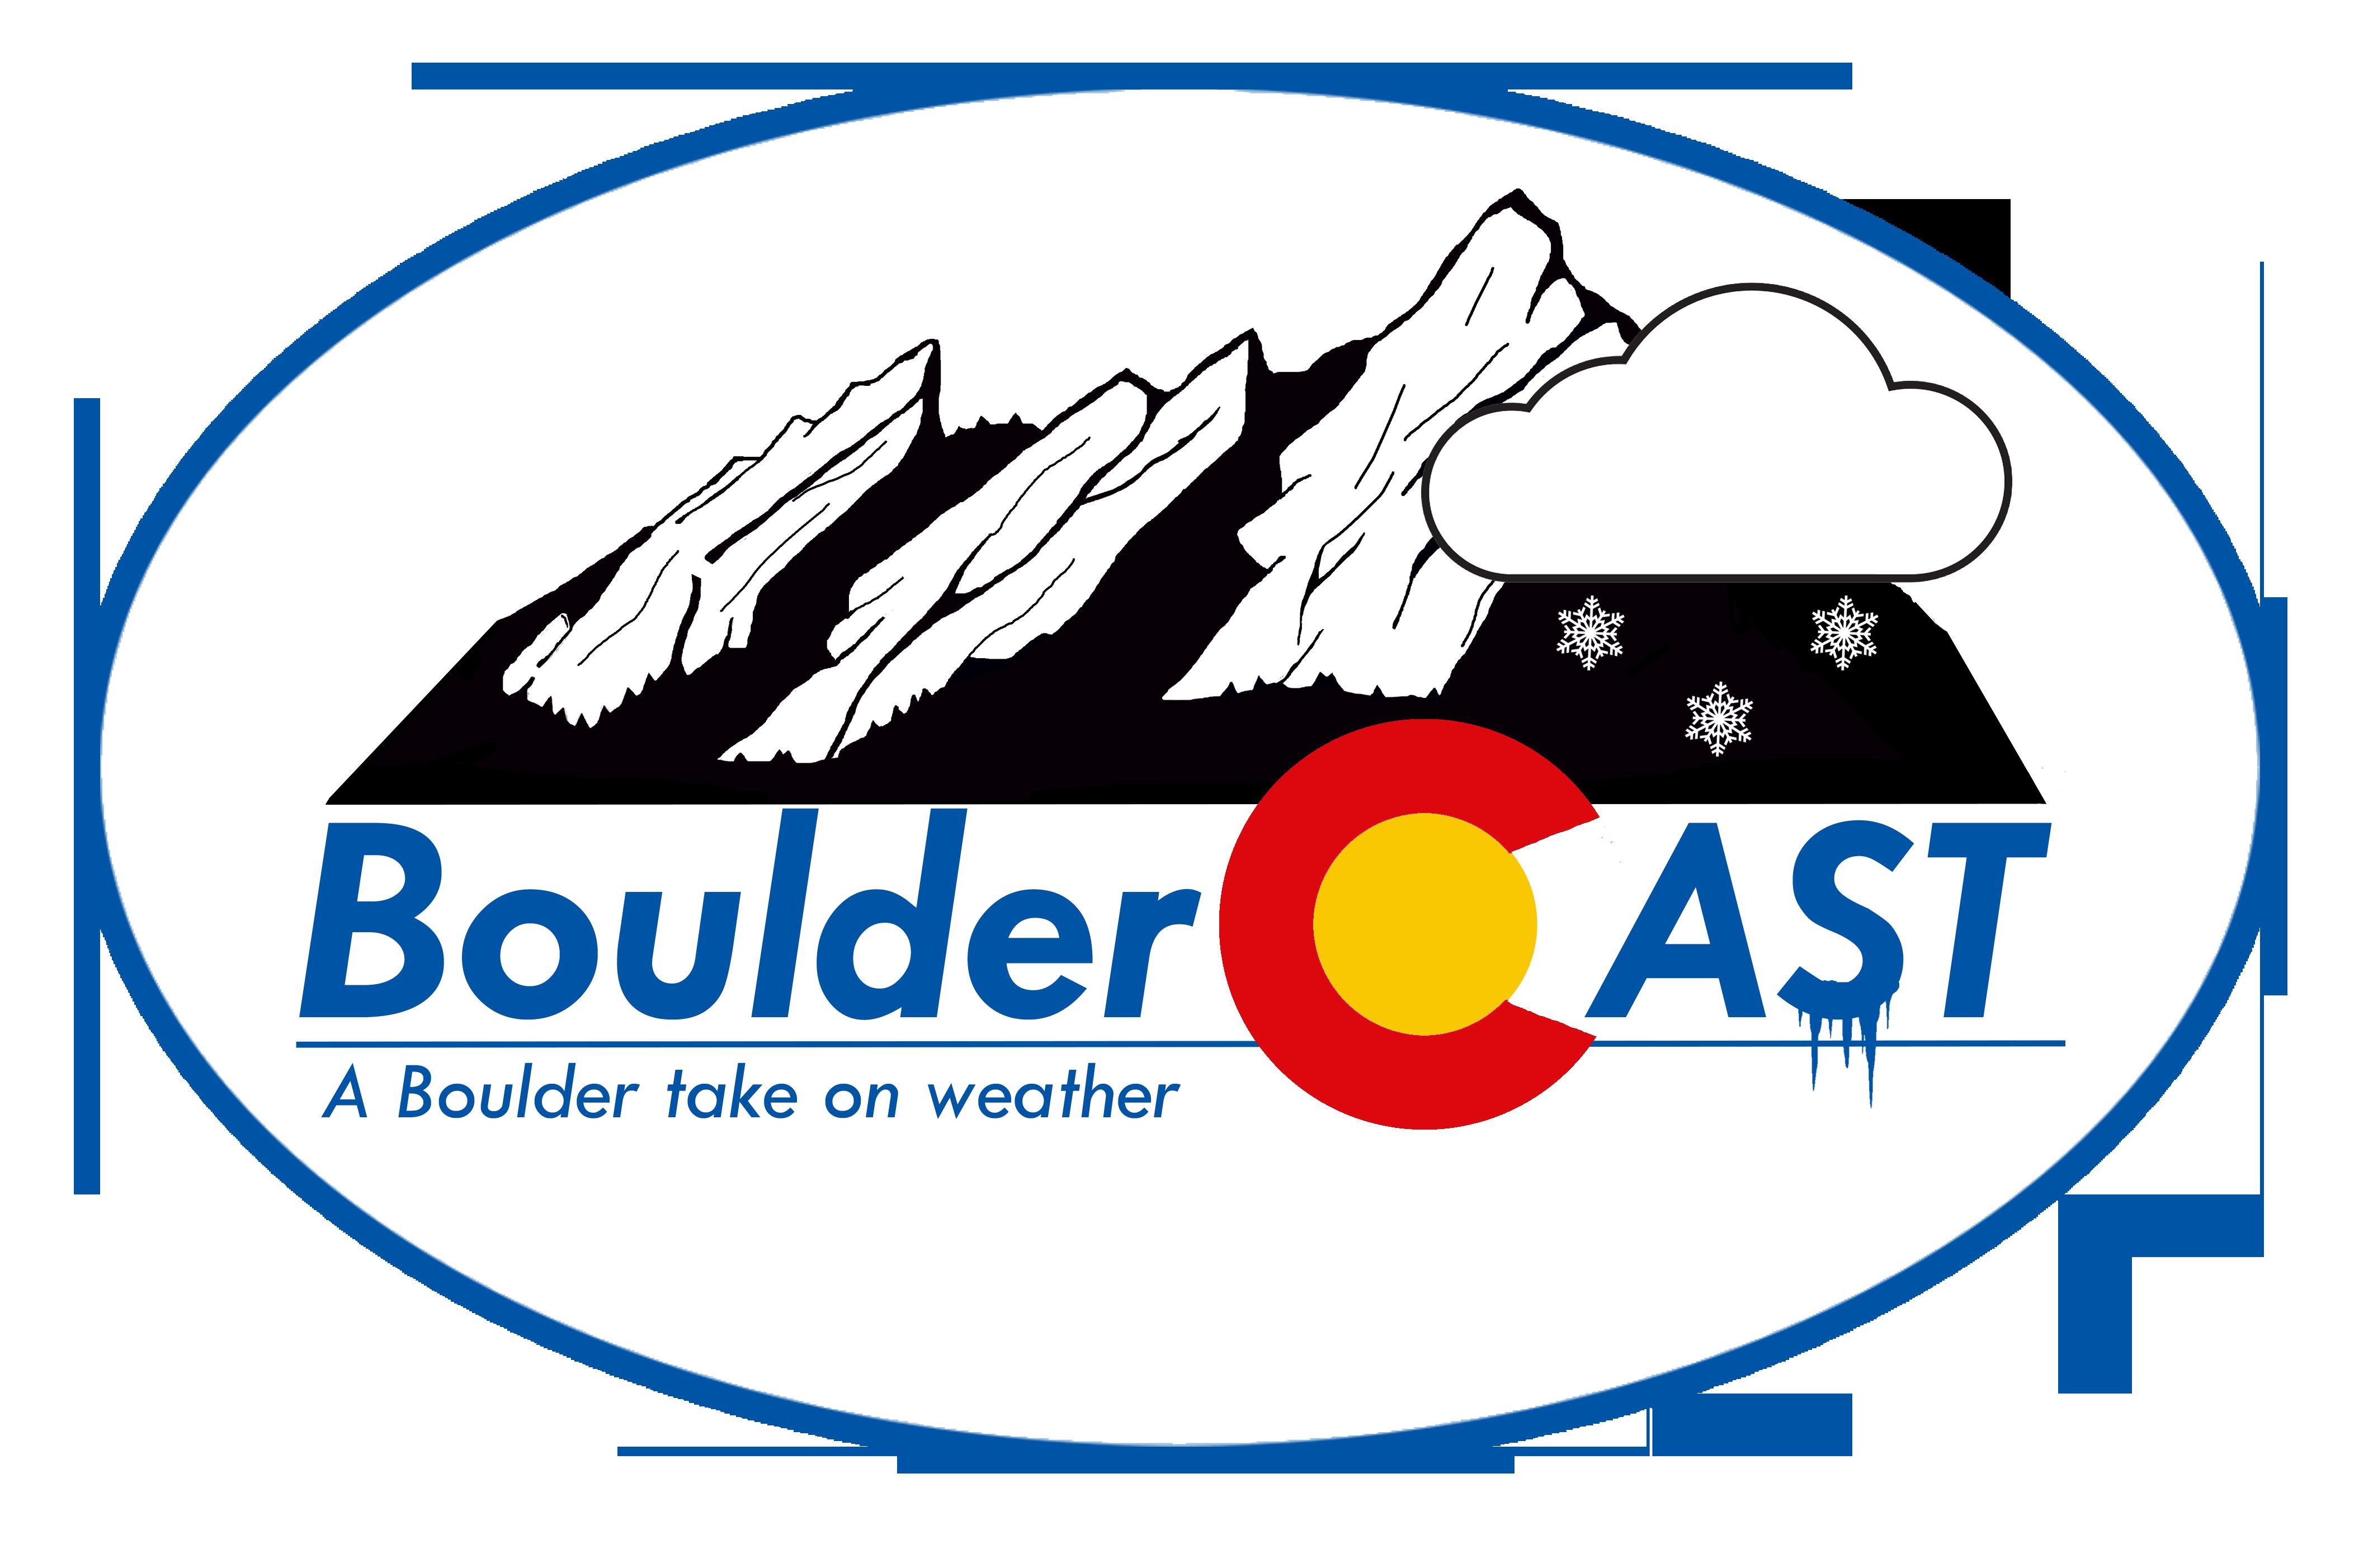 BoulderCAST